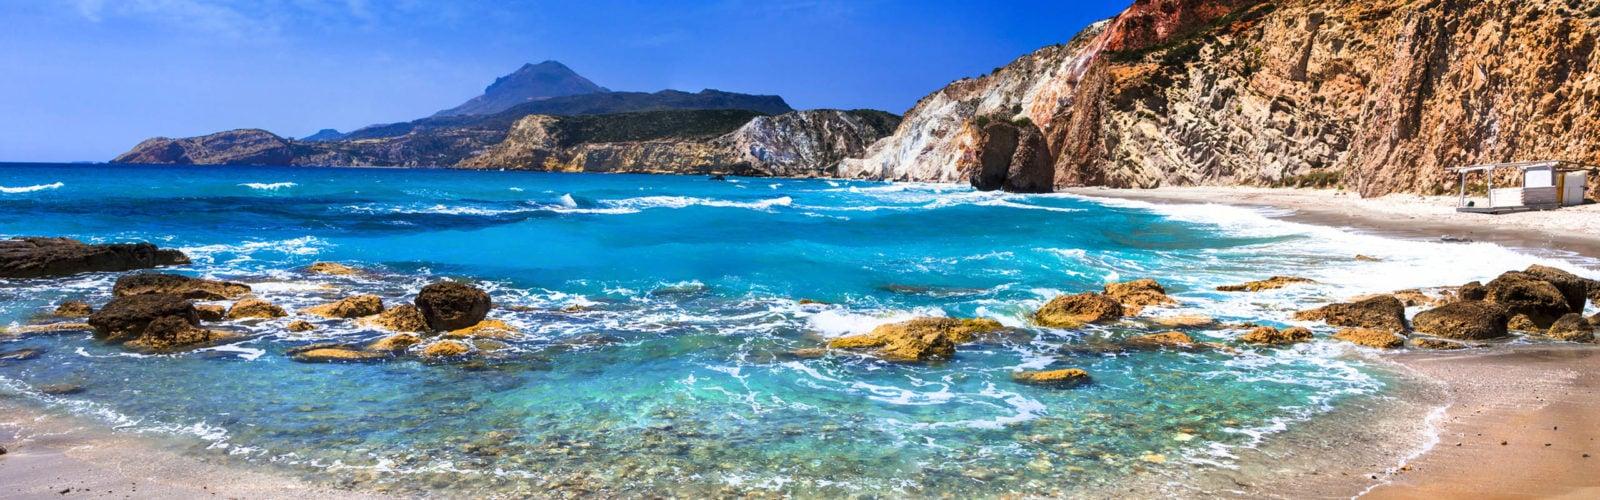 Fyriplaka on Milos island,Cyclades,Greece.